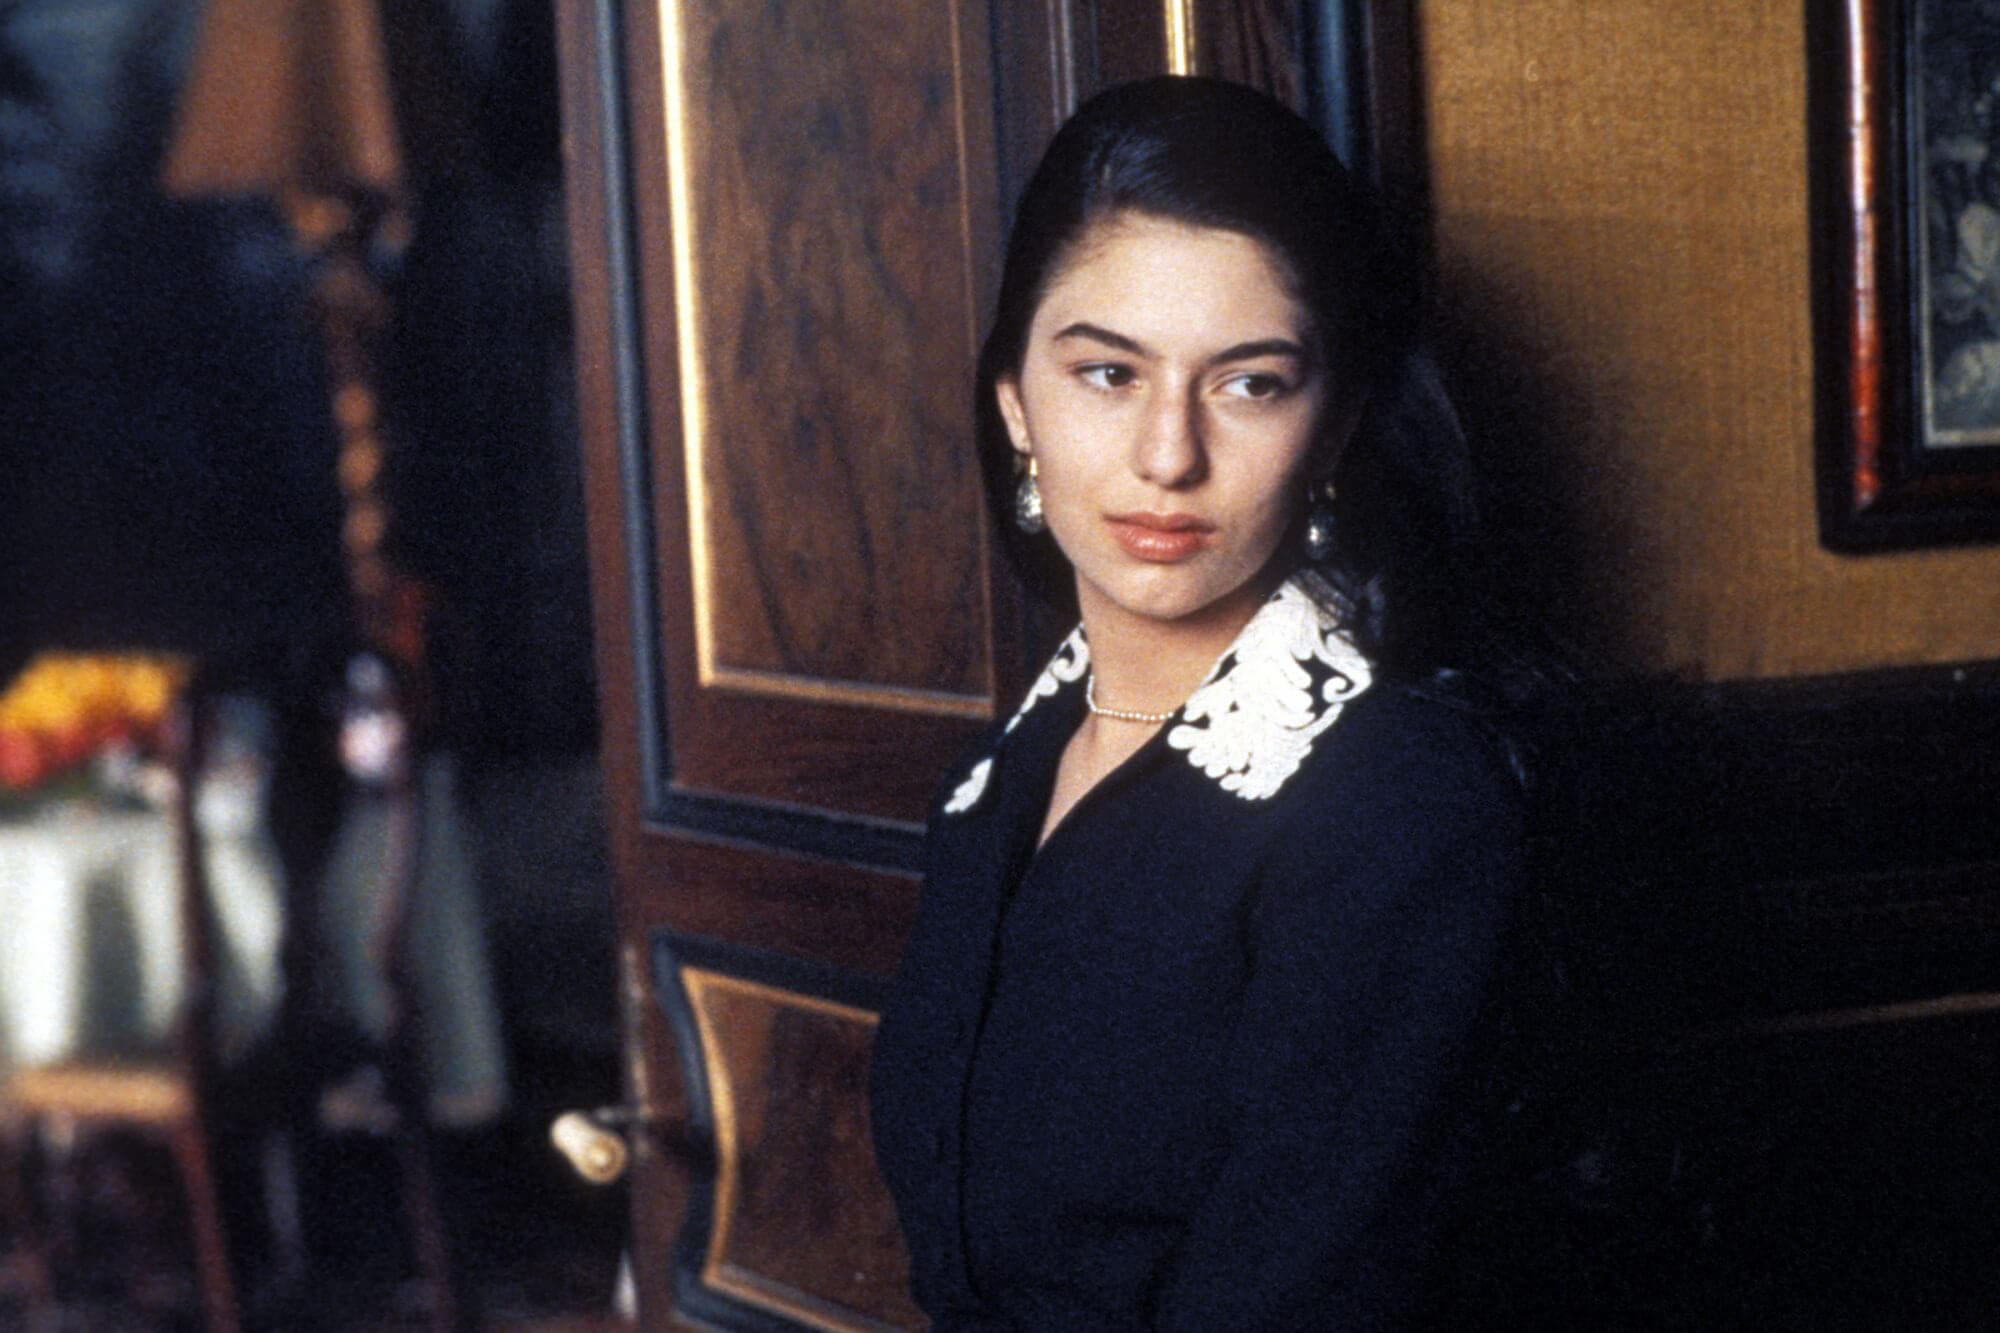 Sofia Coppola as Mary Corleone in The Godfather Coda The Death of Michael Corleone